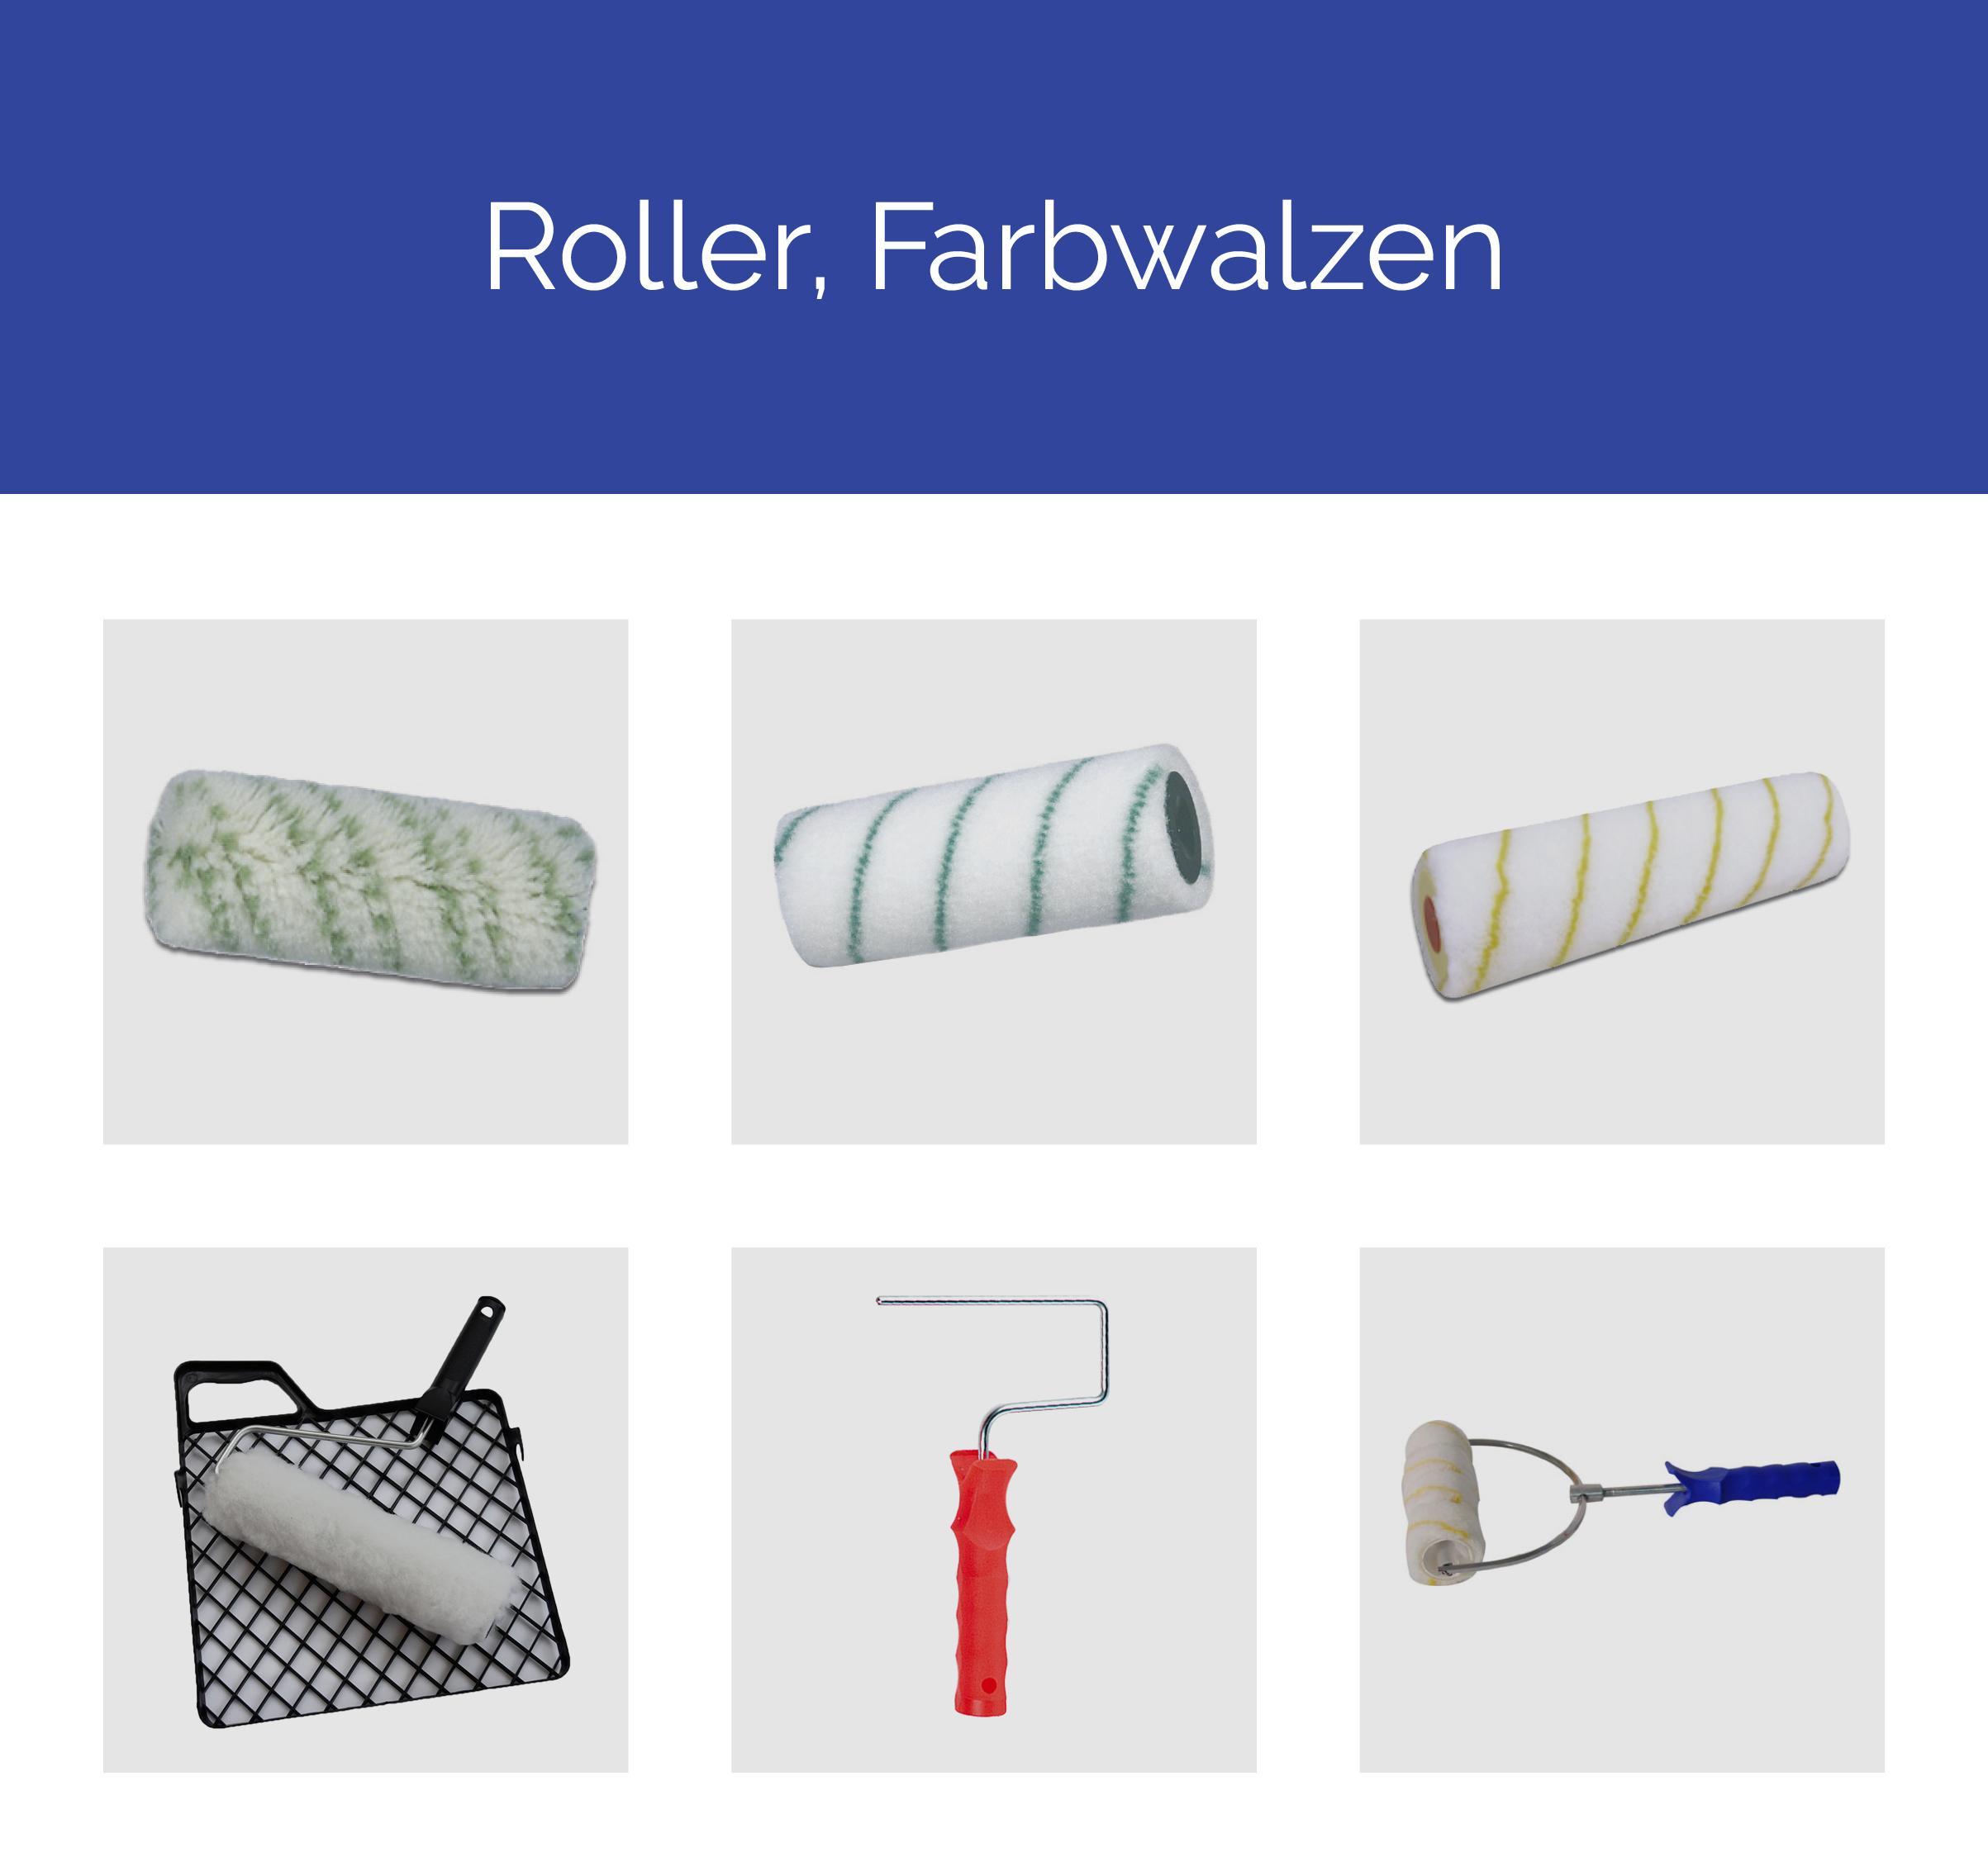 Roller, Farbwalzen